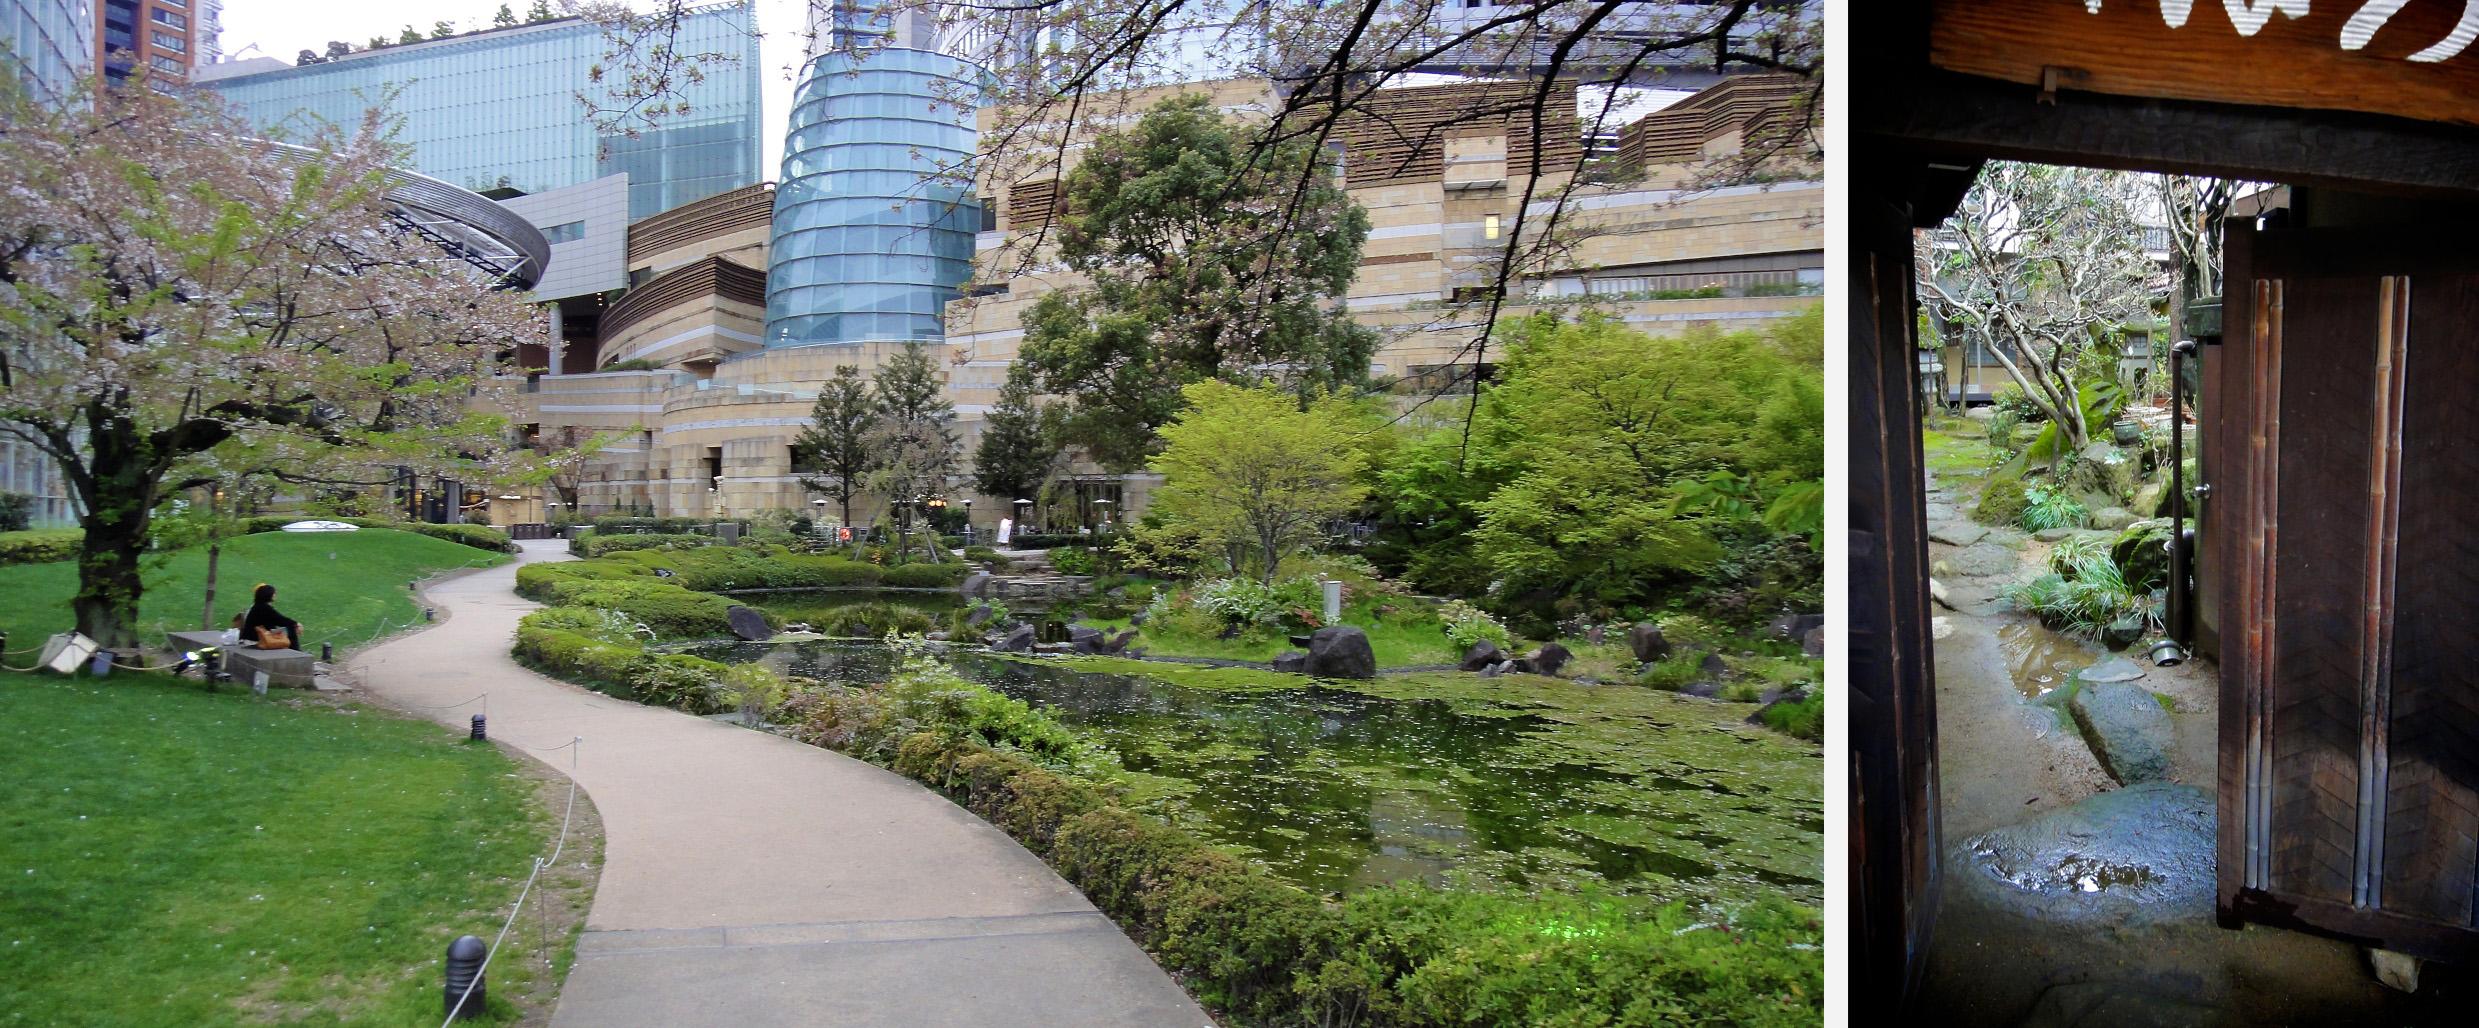 jardin zen en pleine ville ou derri re les portes des maisons. Black Bedroom Furniture Sets. Home Design Ideas